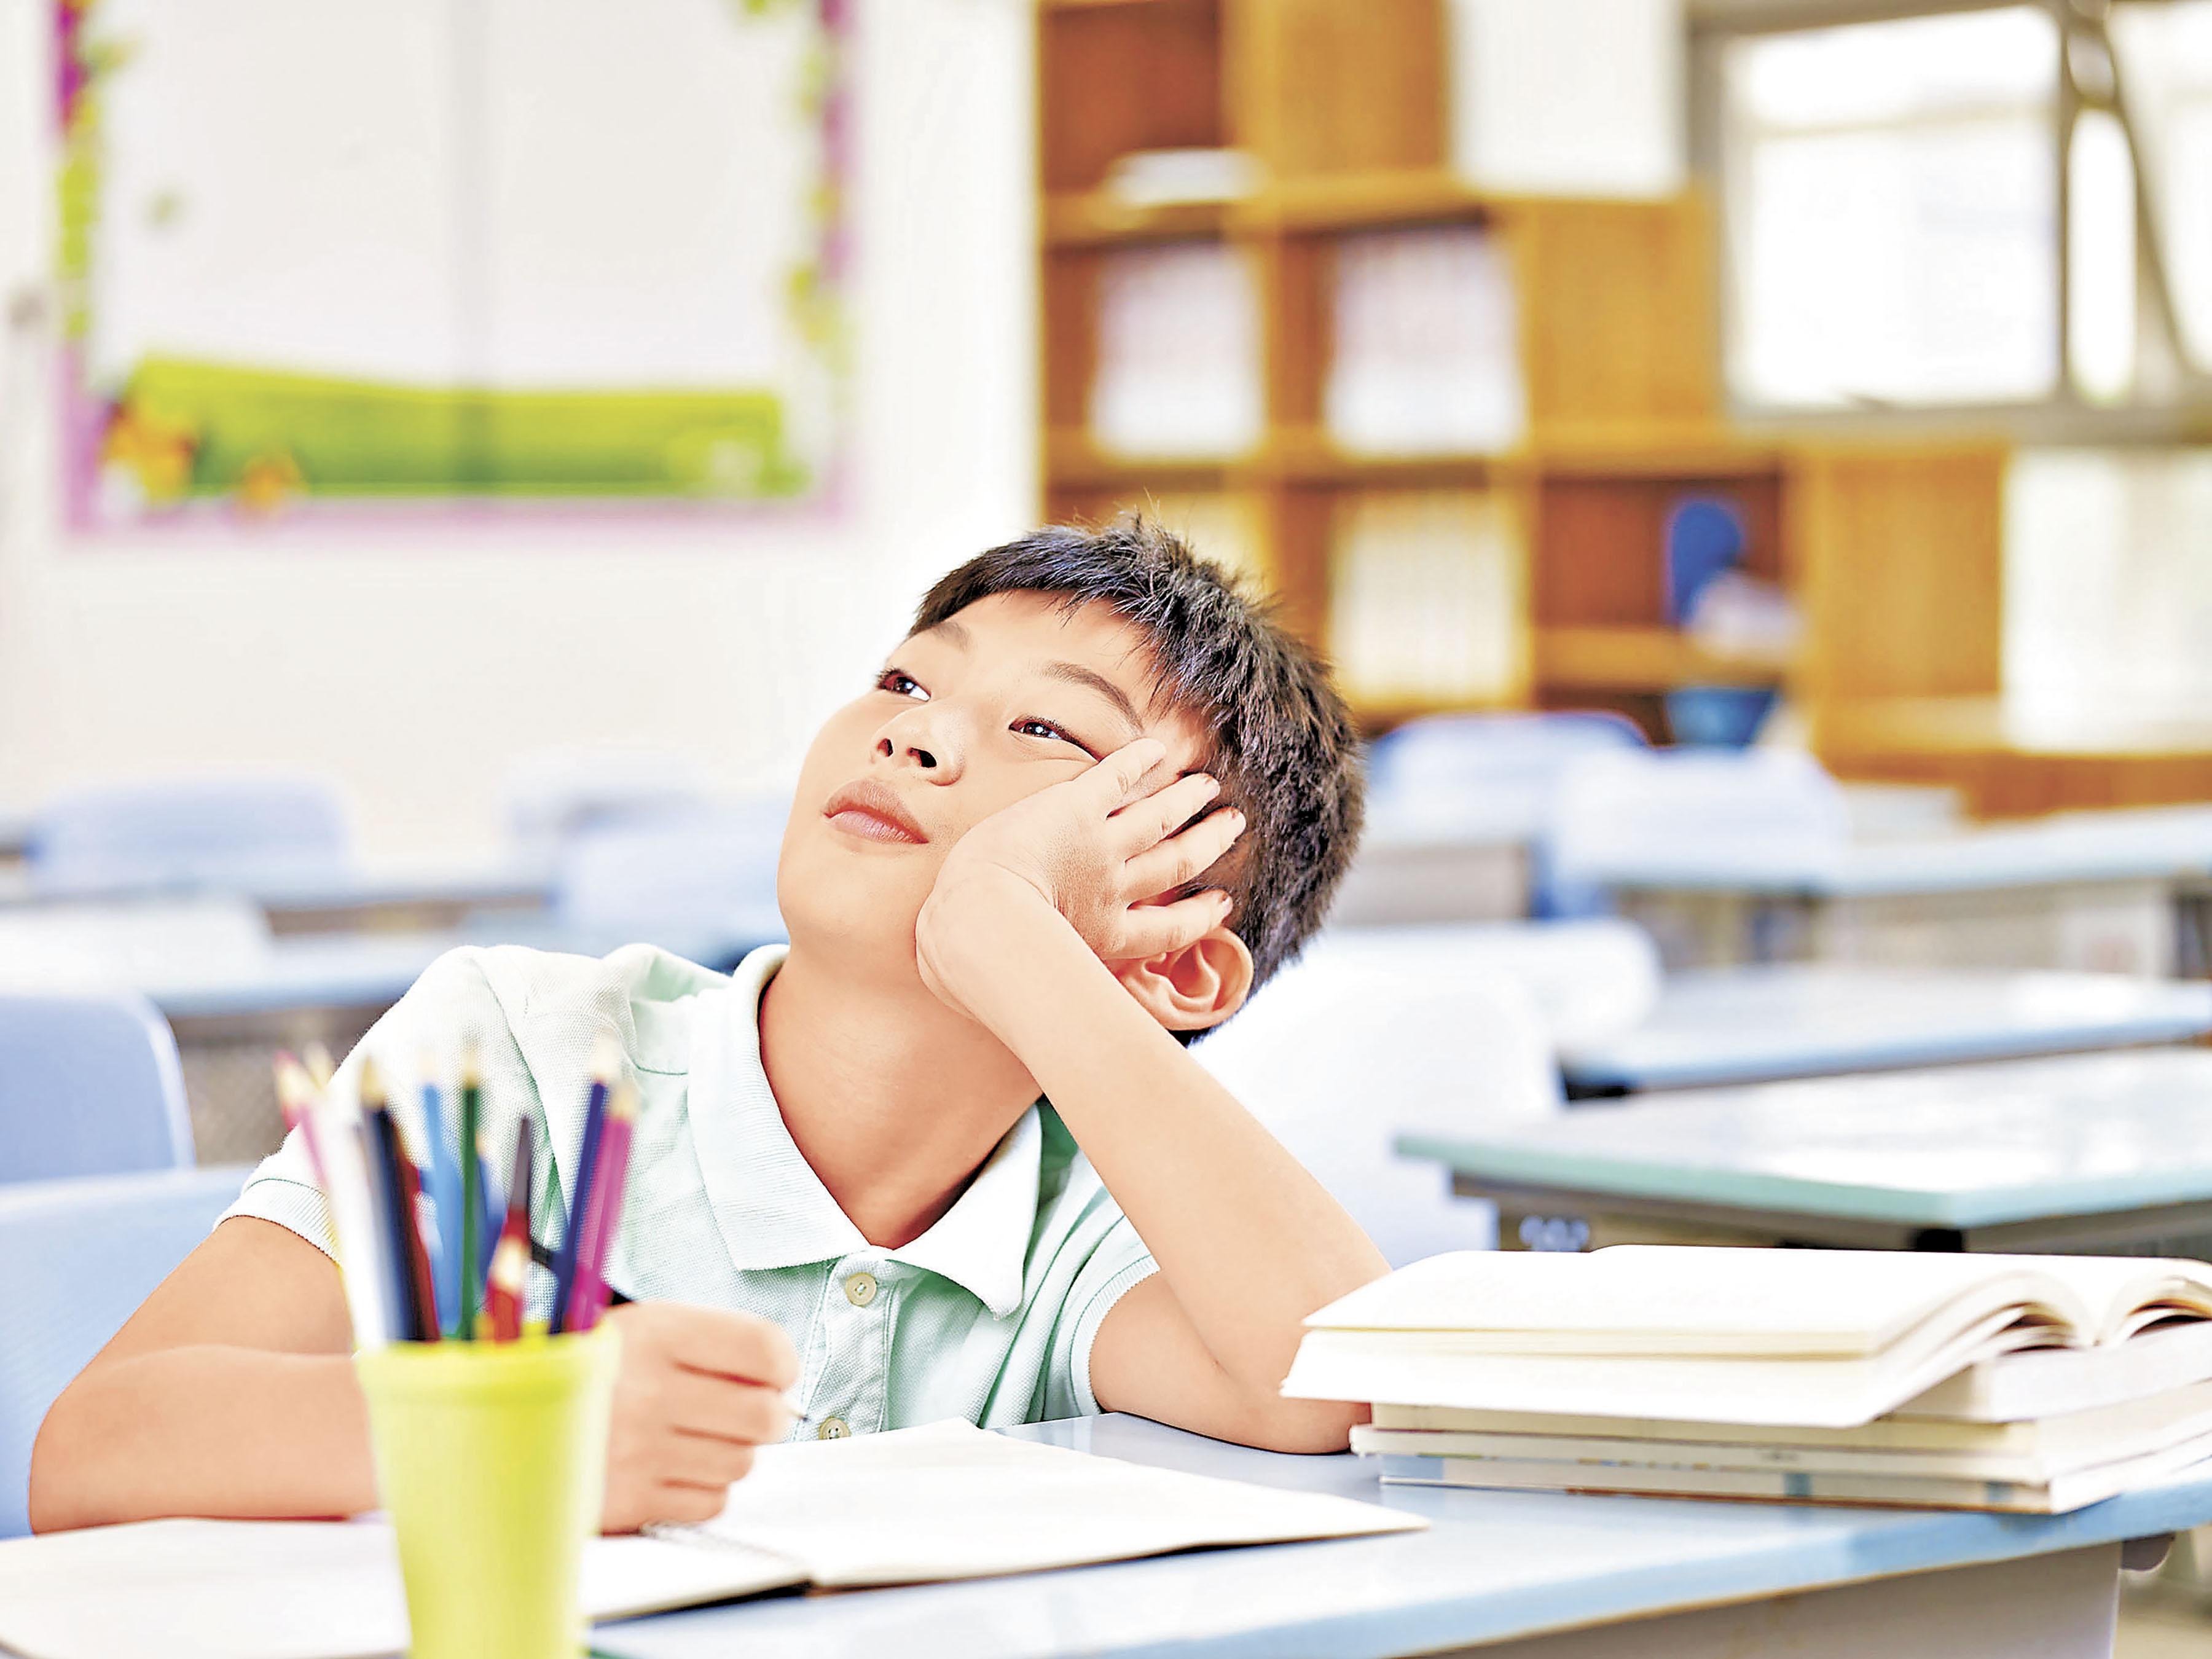 ■ADHD是一種行為障礙,可影響孩童在家中或校園生活。